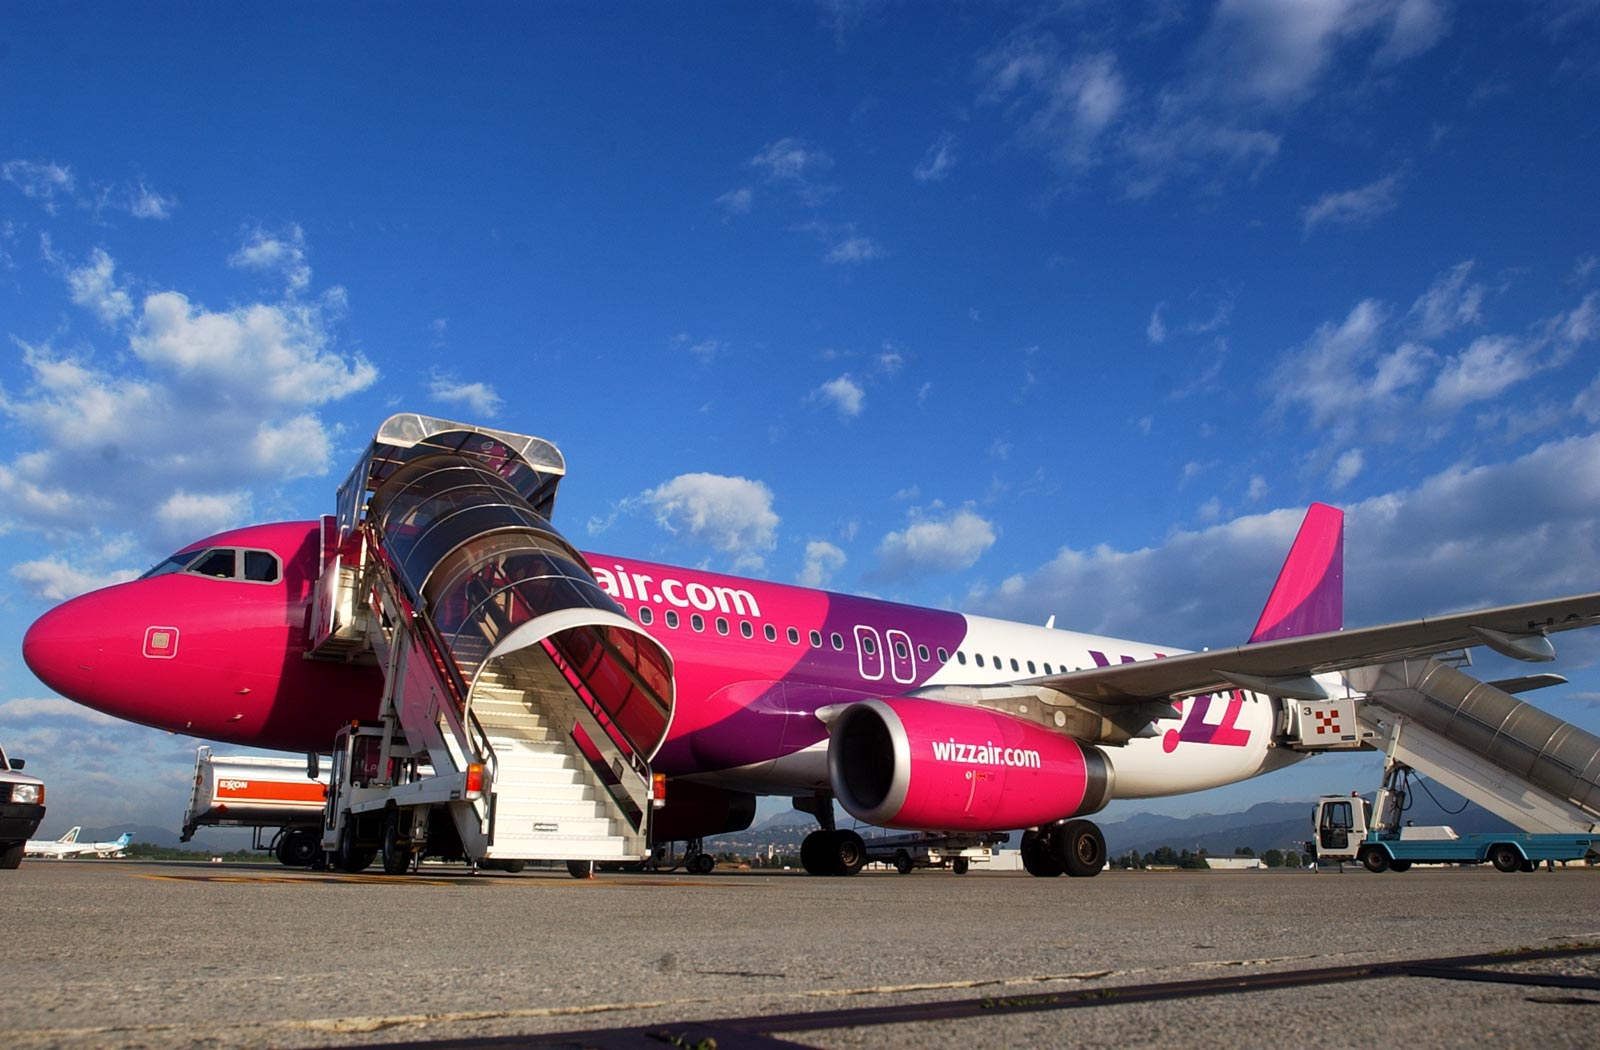 La aerolínea de bajo coste Wizz Air enlazará Bucarest y Tenerife